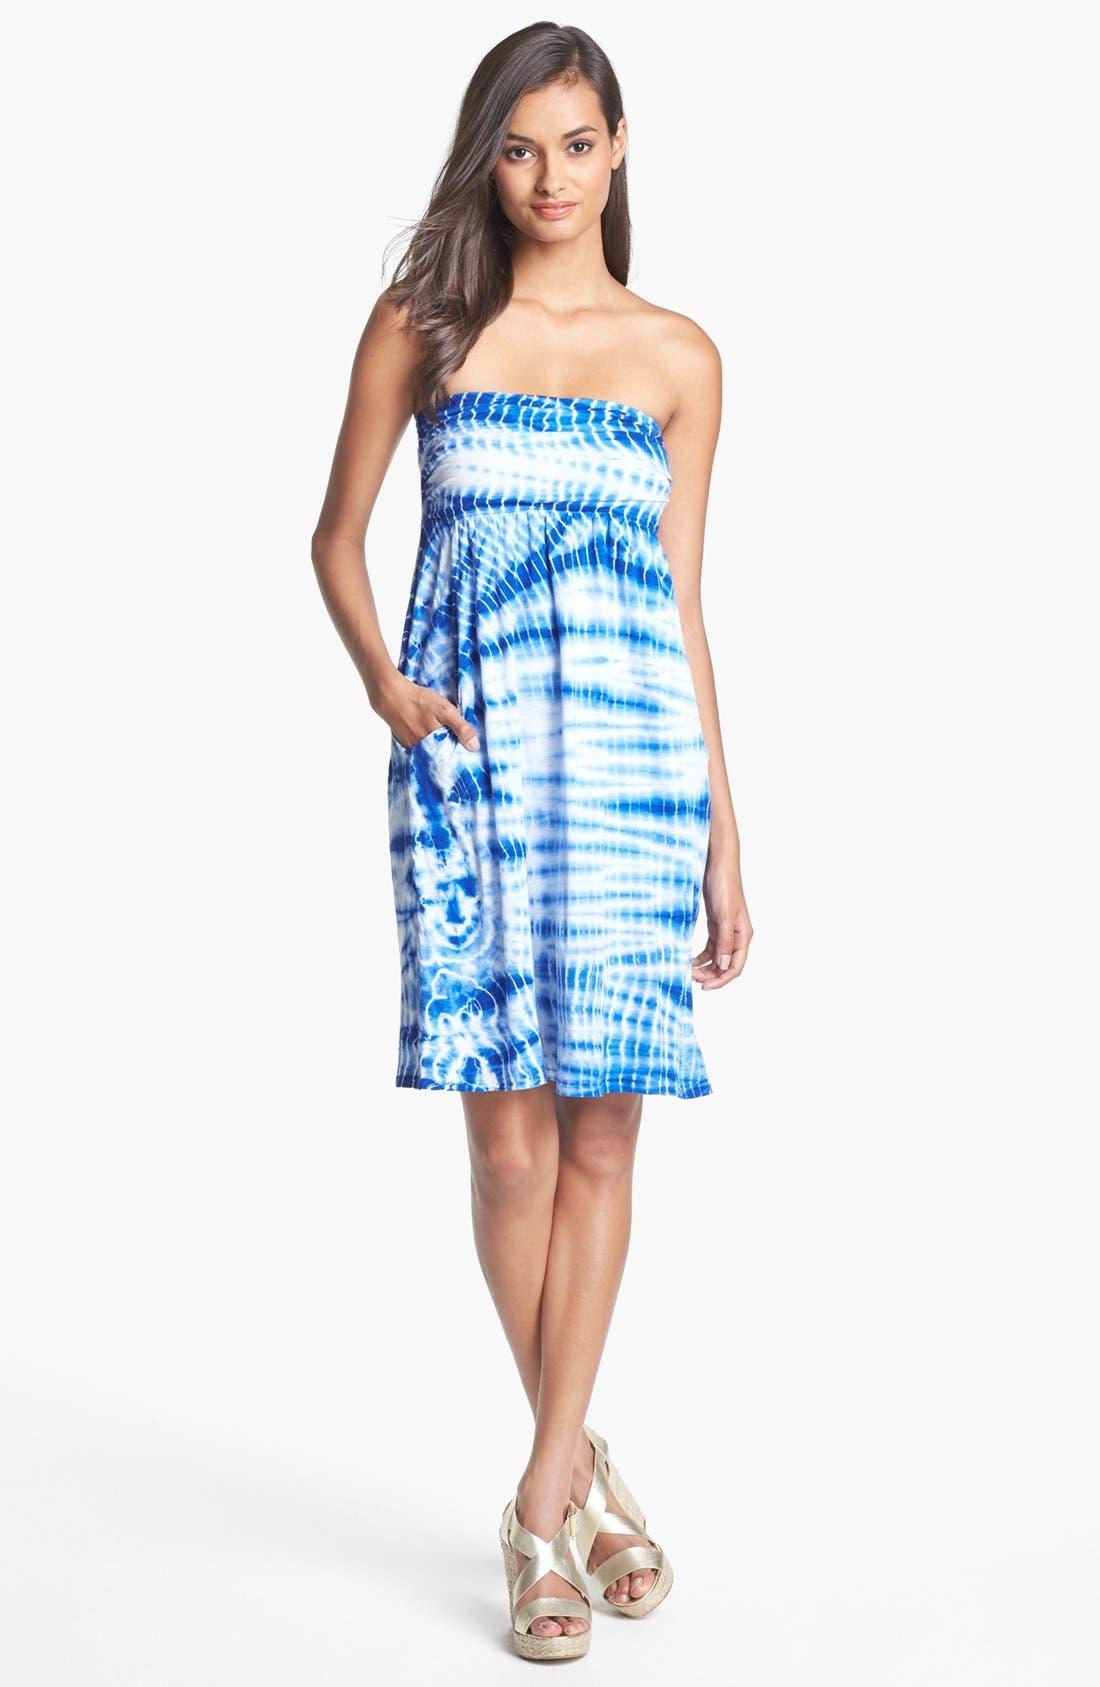 Alternate Image 1 Selected - Velvet by Graham & Spencer Tie Dye Tube Dress